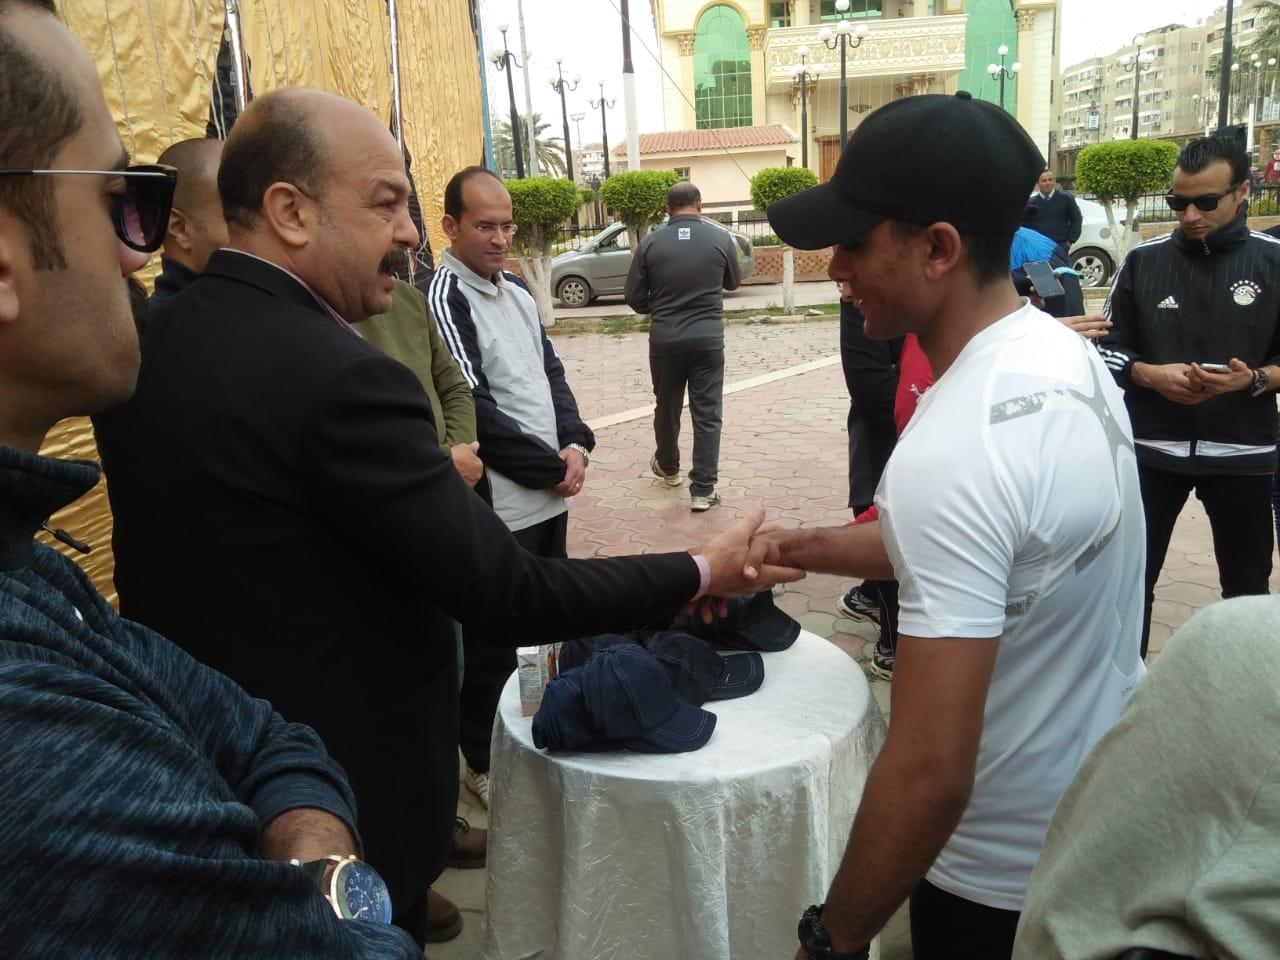 جري ومشي لتنشيط الأحياء السكنية بمدينة كفرالشيخ  (6)